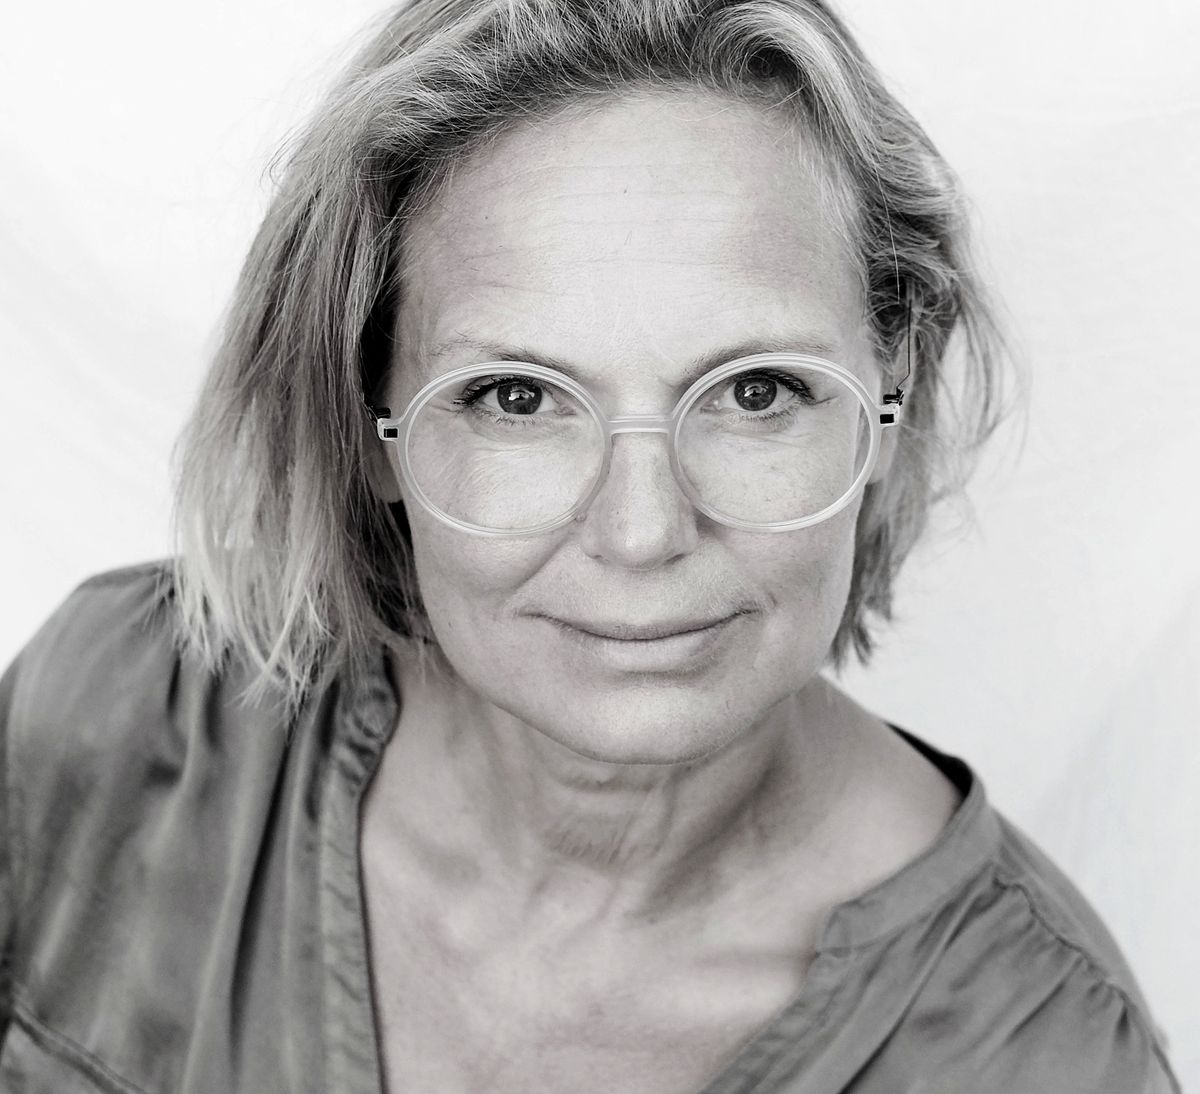 Portræt af Rikke Juul Gram fra Schønherr